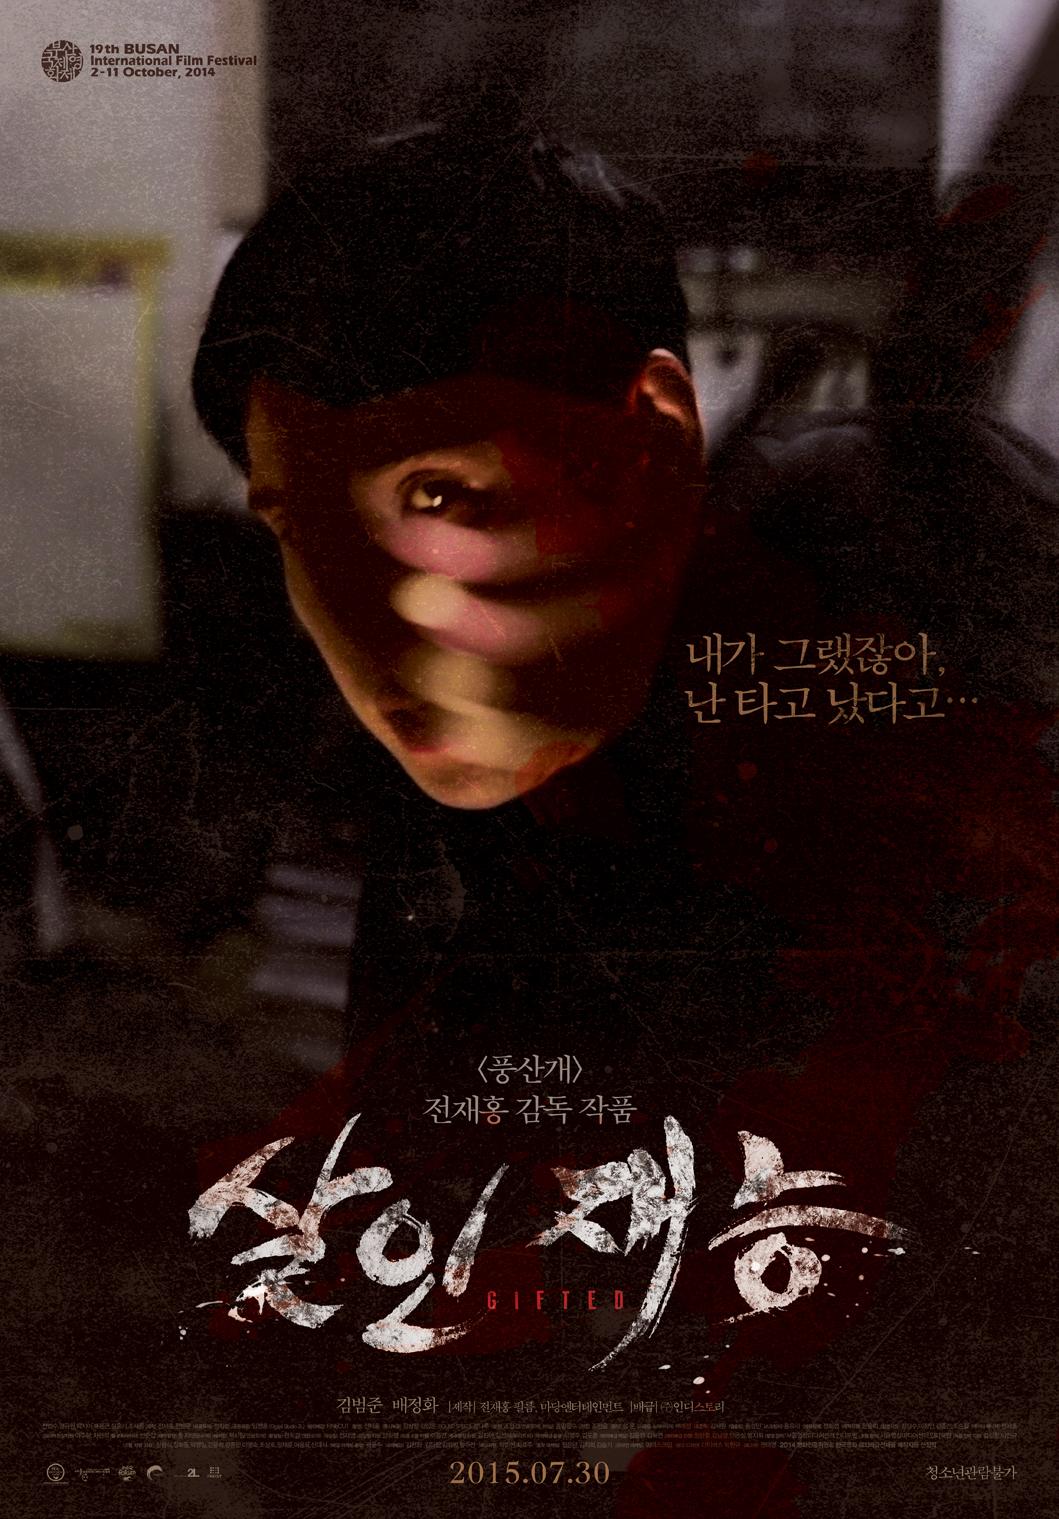 살인재능 (Gifted, 2015)